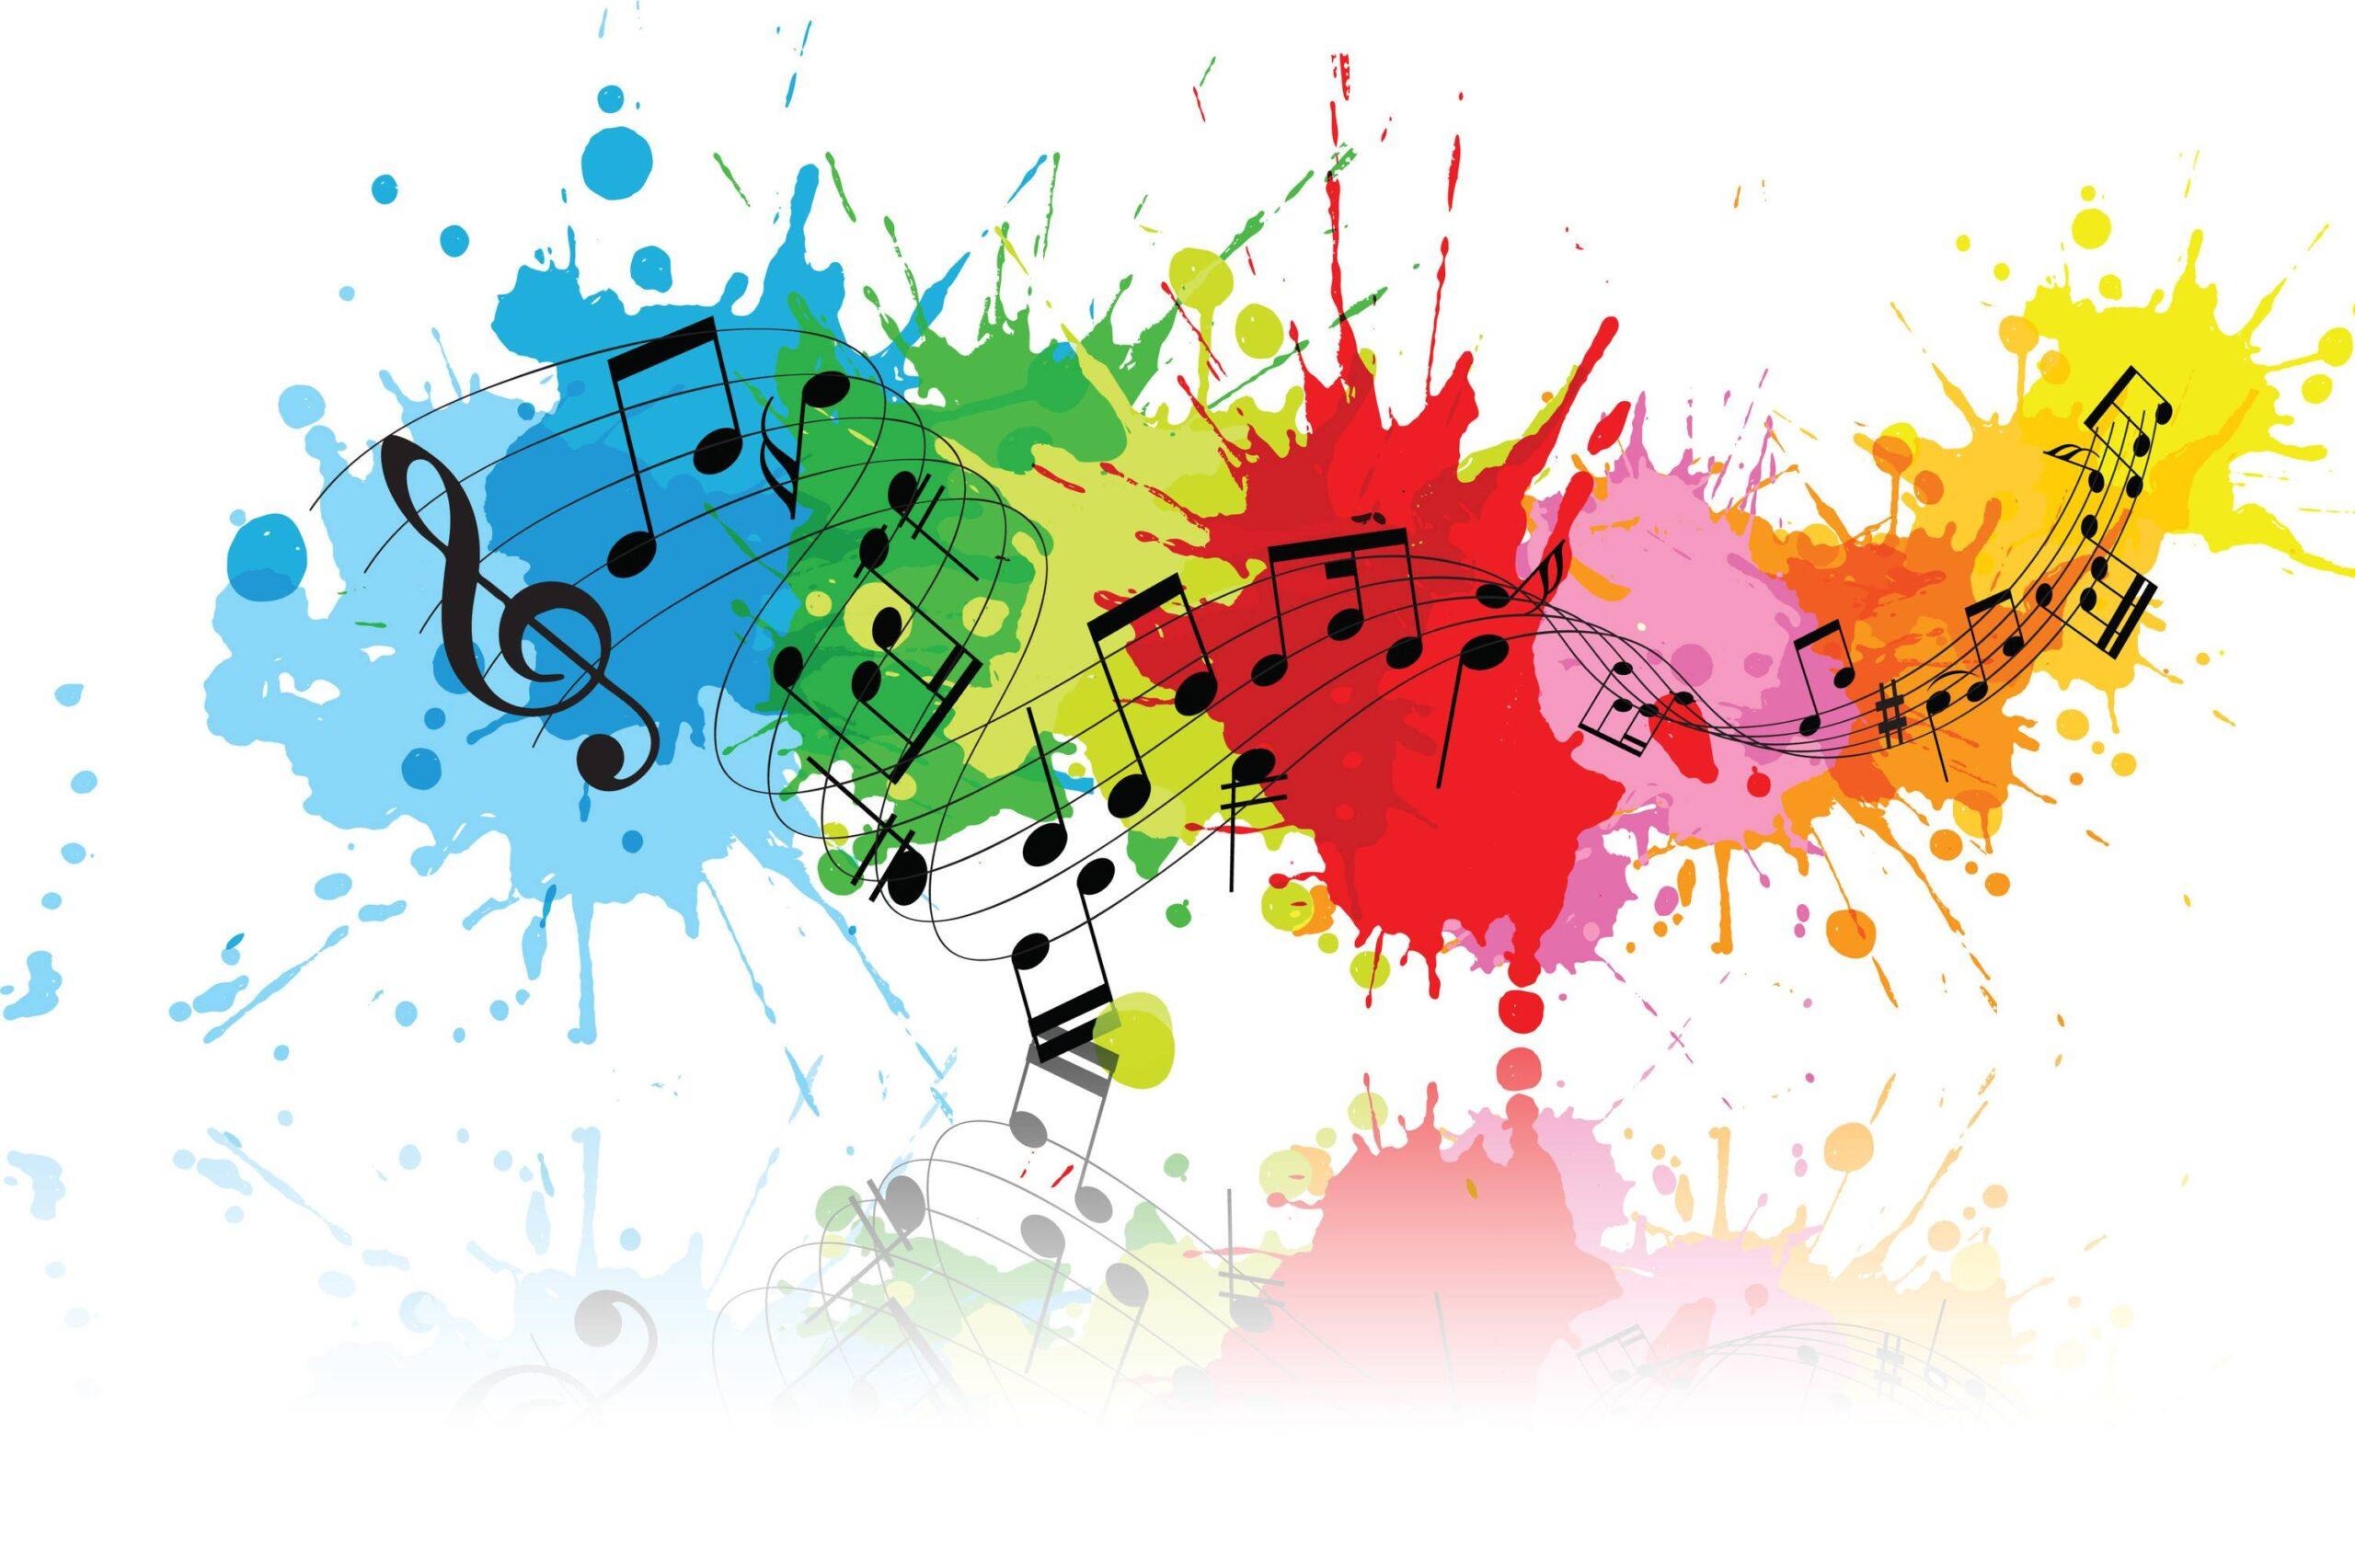 تاثیر موسیقی در زندگی روزمره چیست